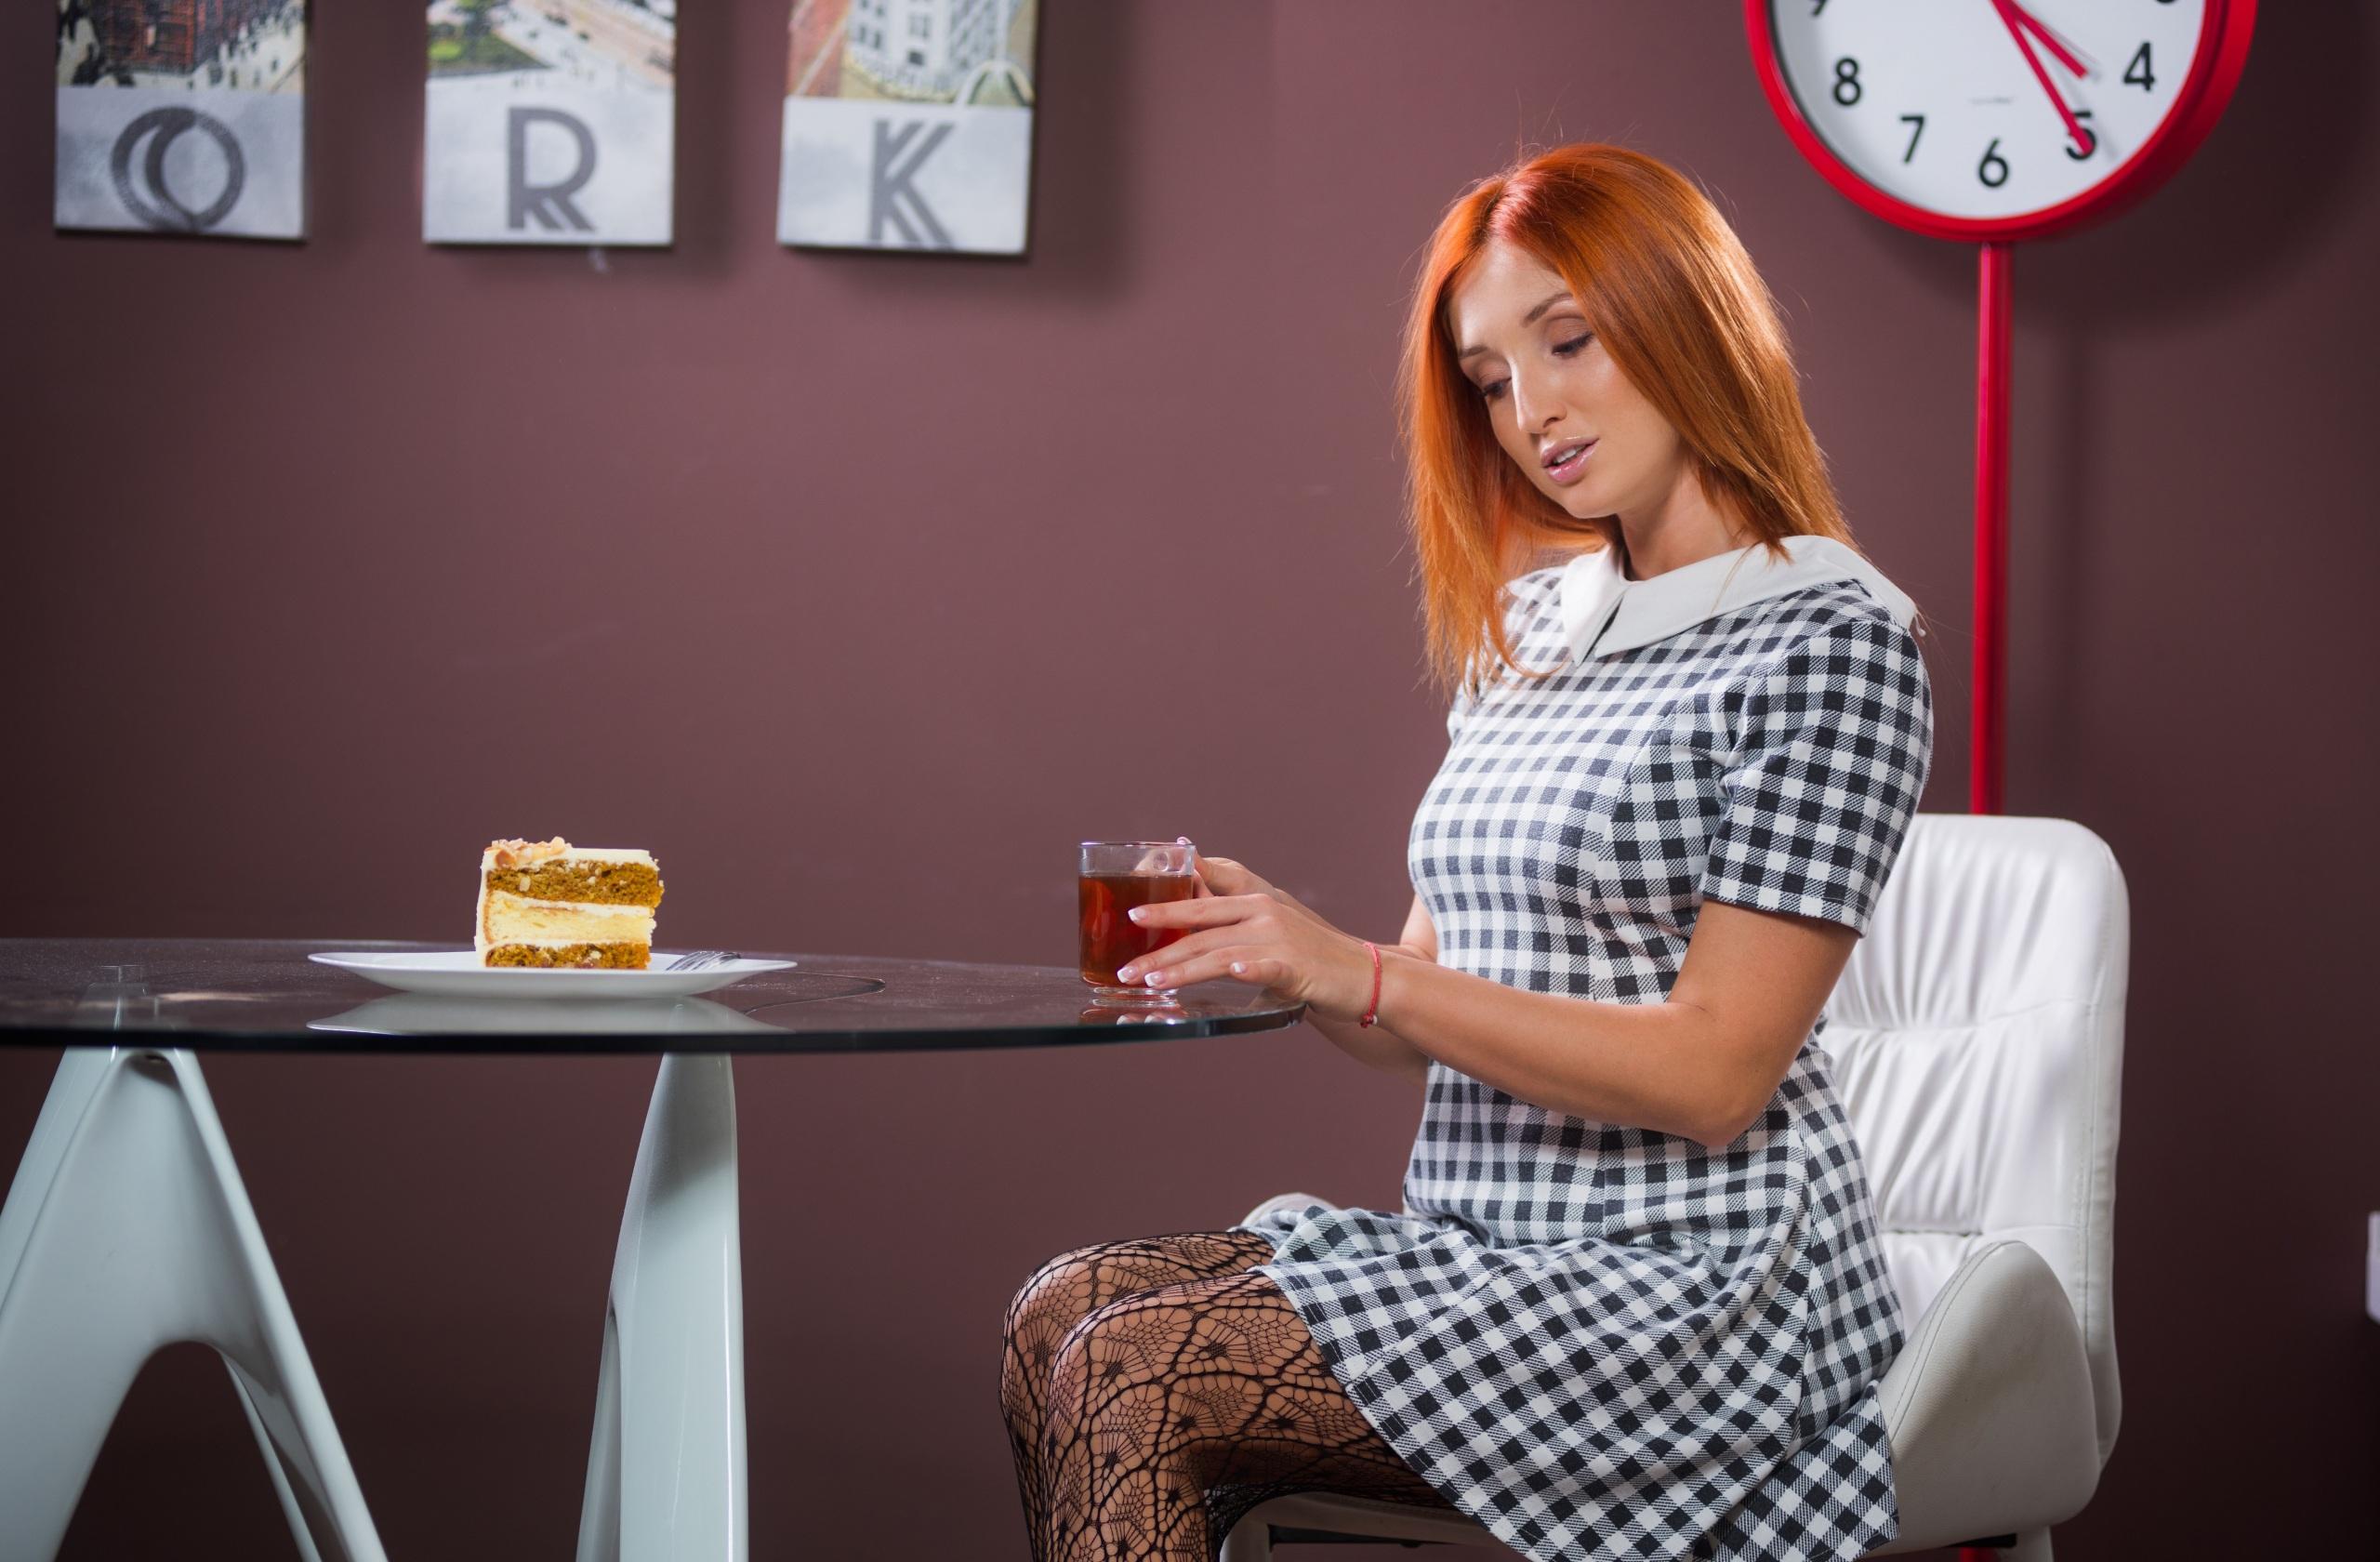 Fotos Rotschopf Tee Mädchens Frühstück Tisch sitzen Törtchen Kleid 2560x1680 sitzt Sitzend